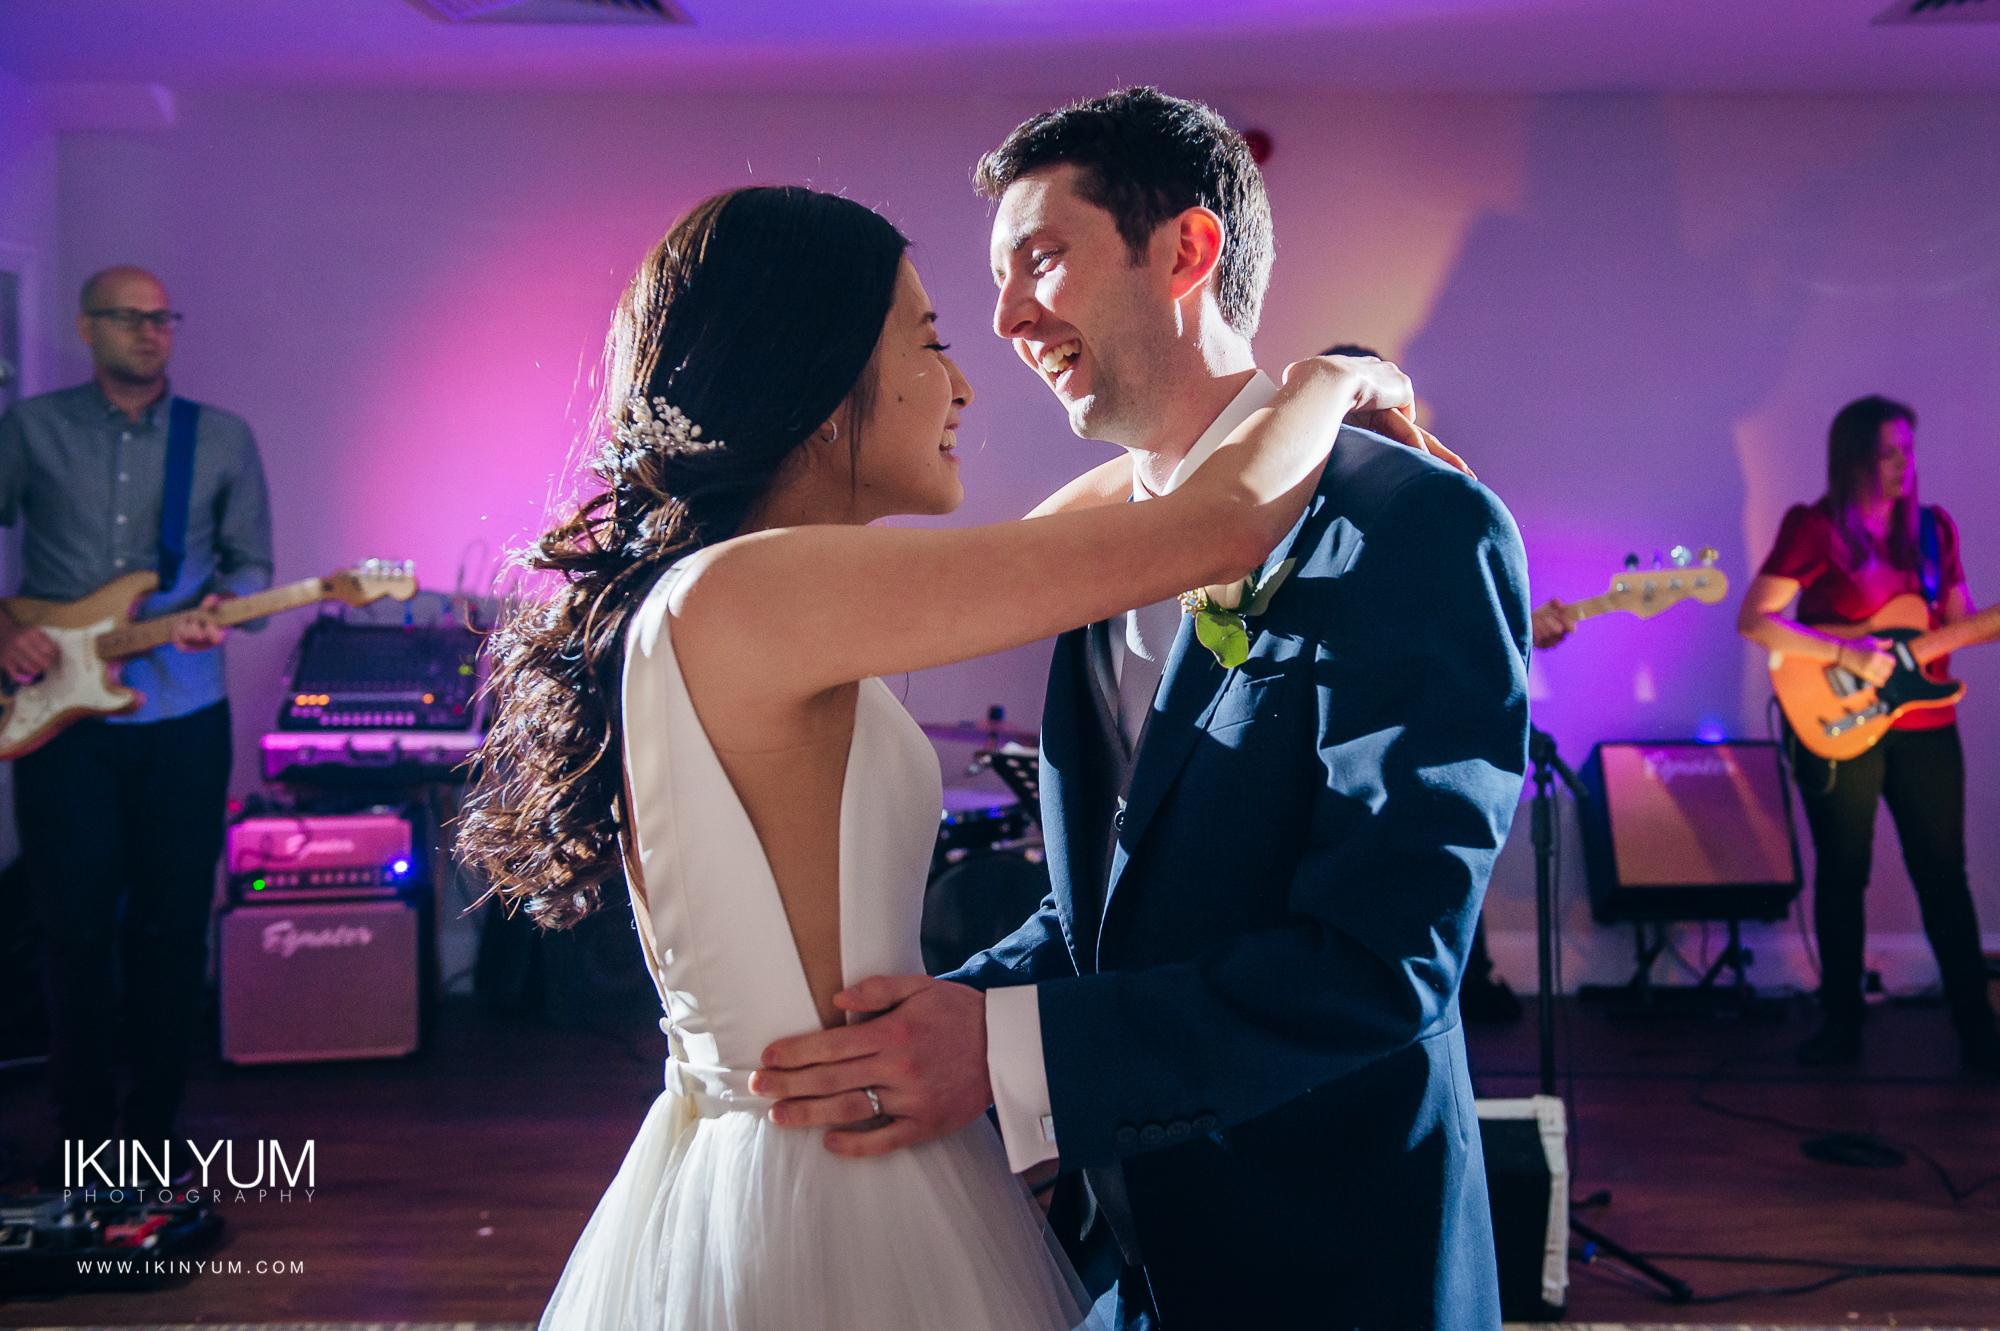 Nicola & Jonny Wedding Day - Ikin Yum Photography-131.jpg